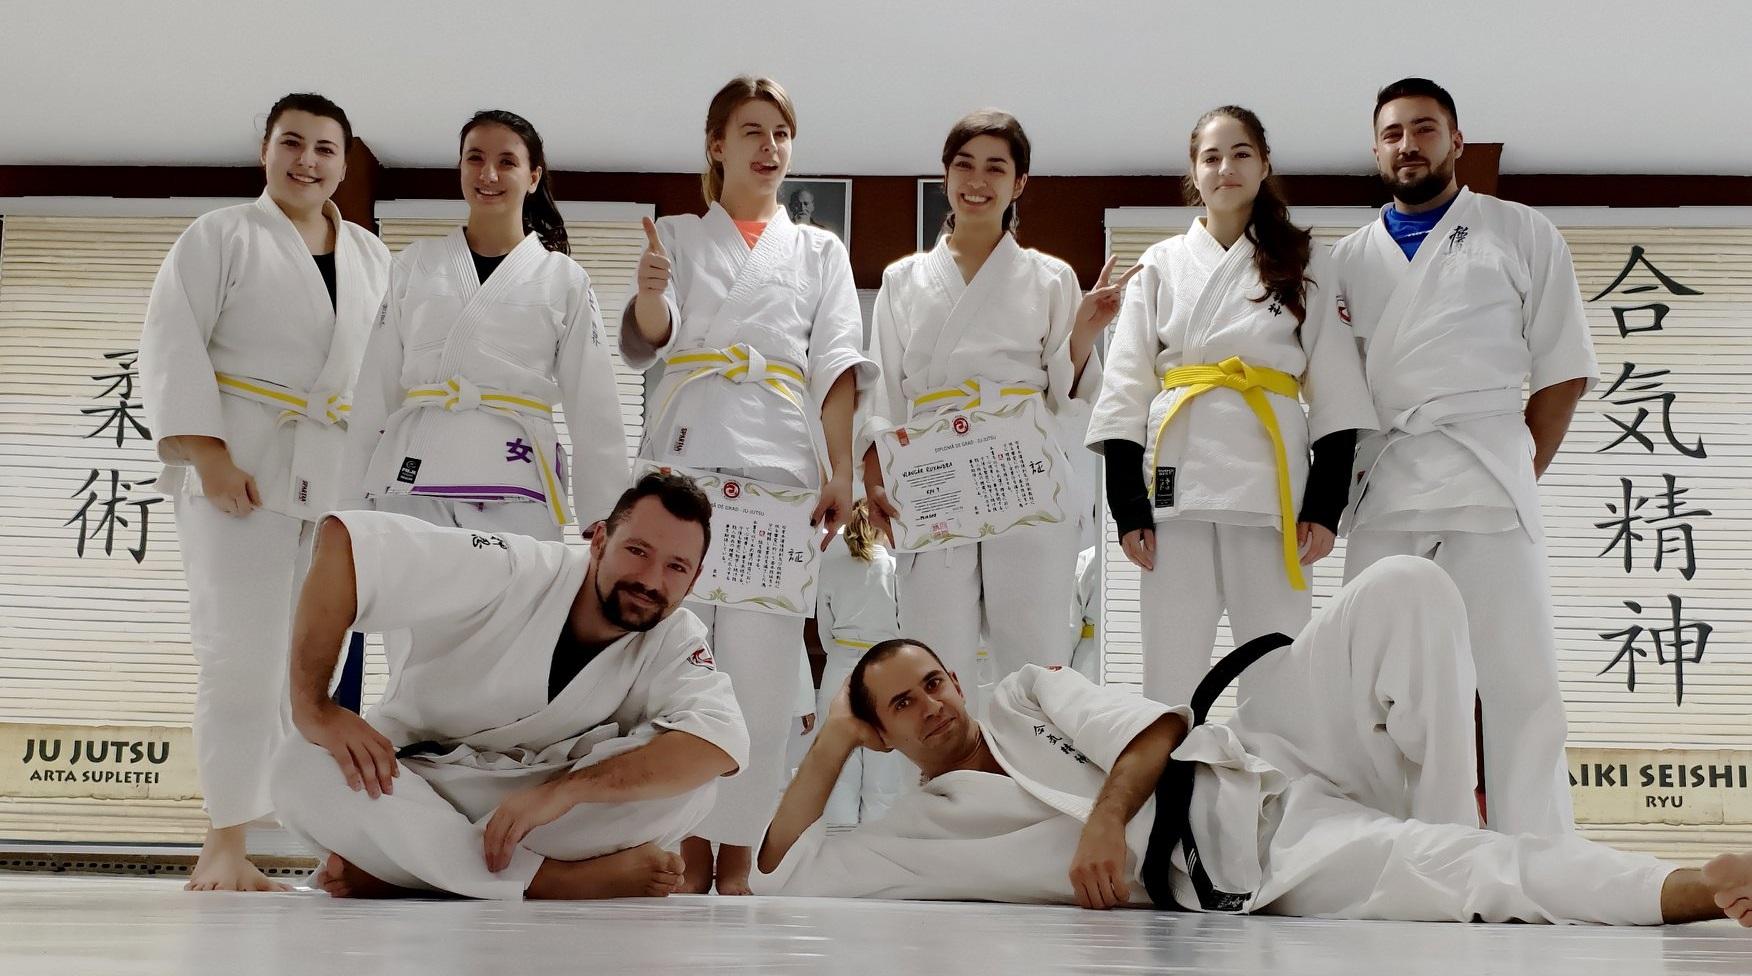 Curs de autoaparare pentru adulți, jujutsu pentru începători și avansați, bjj și judo făcute împreună, luptă la sol, ne waza, proiectări, imobilizări, strangulări, grappling, jujutsu, jiu jitsu, bjj, brasilian jiu jitsu, gjj, gracie jiu jitsu, autoapărare, București, Jigoro Kano, Helio Gracie